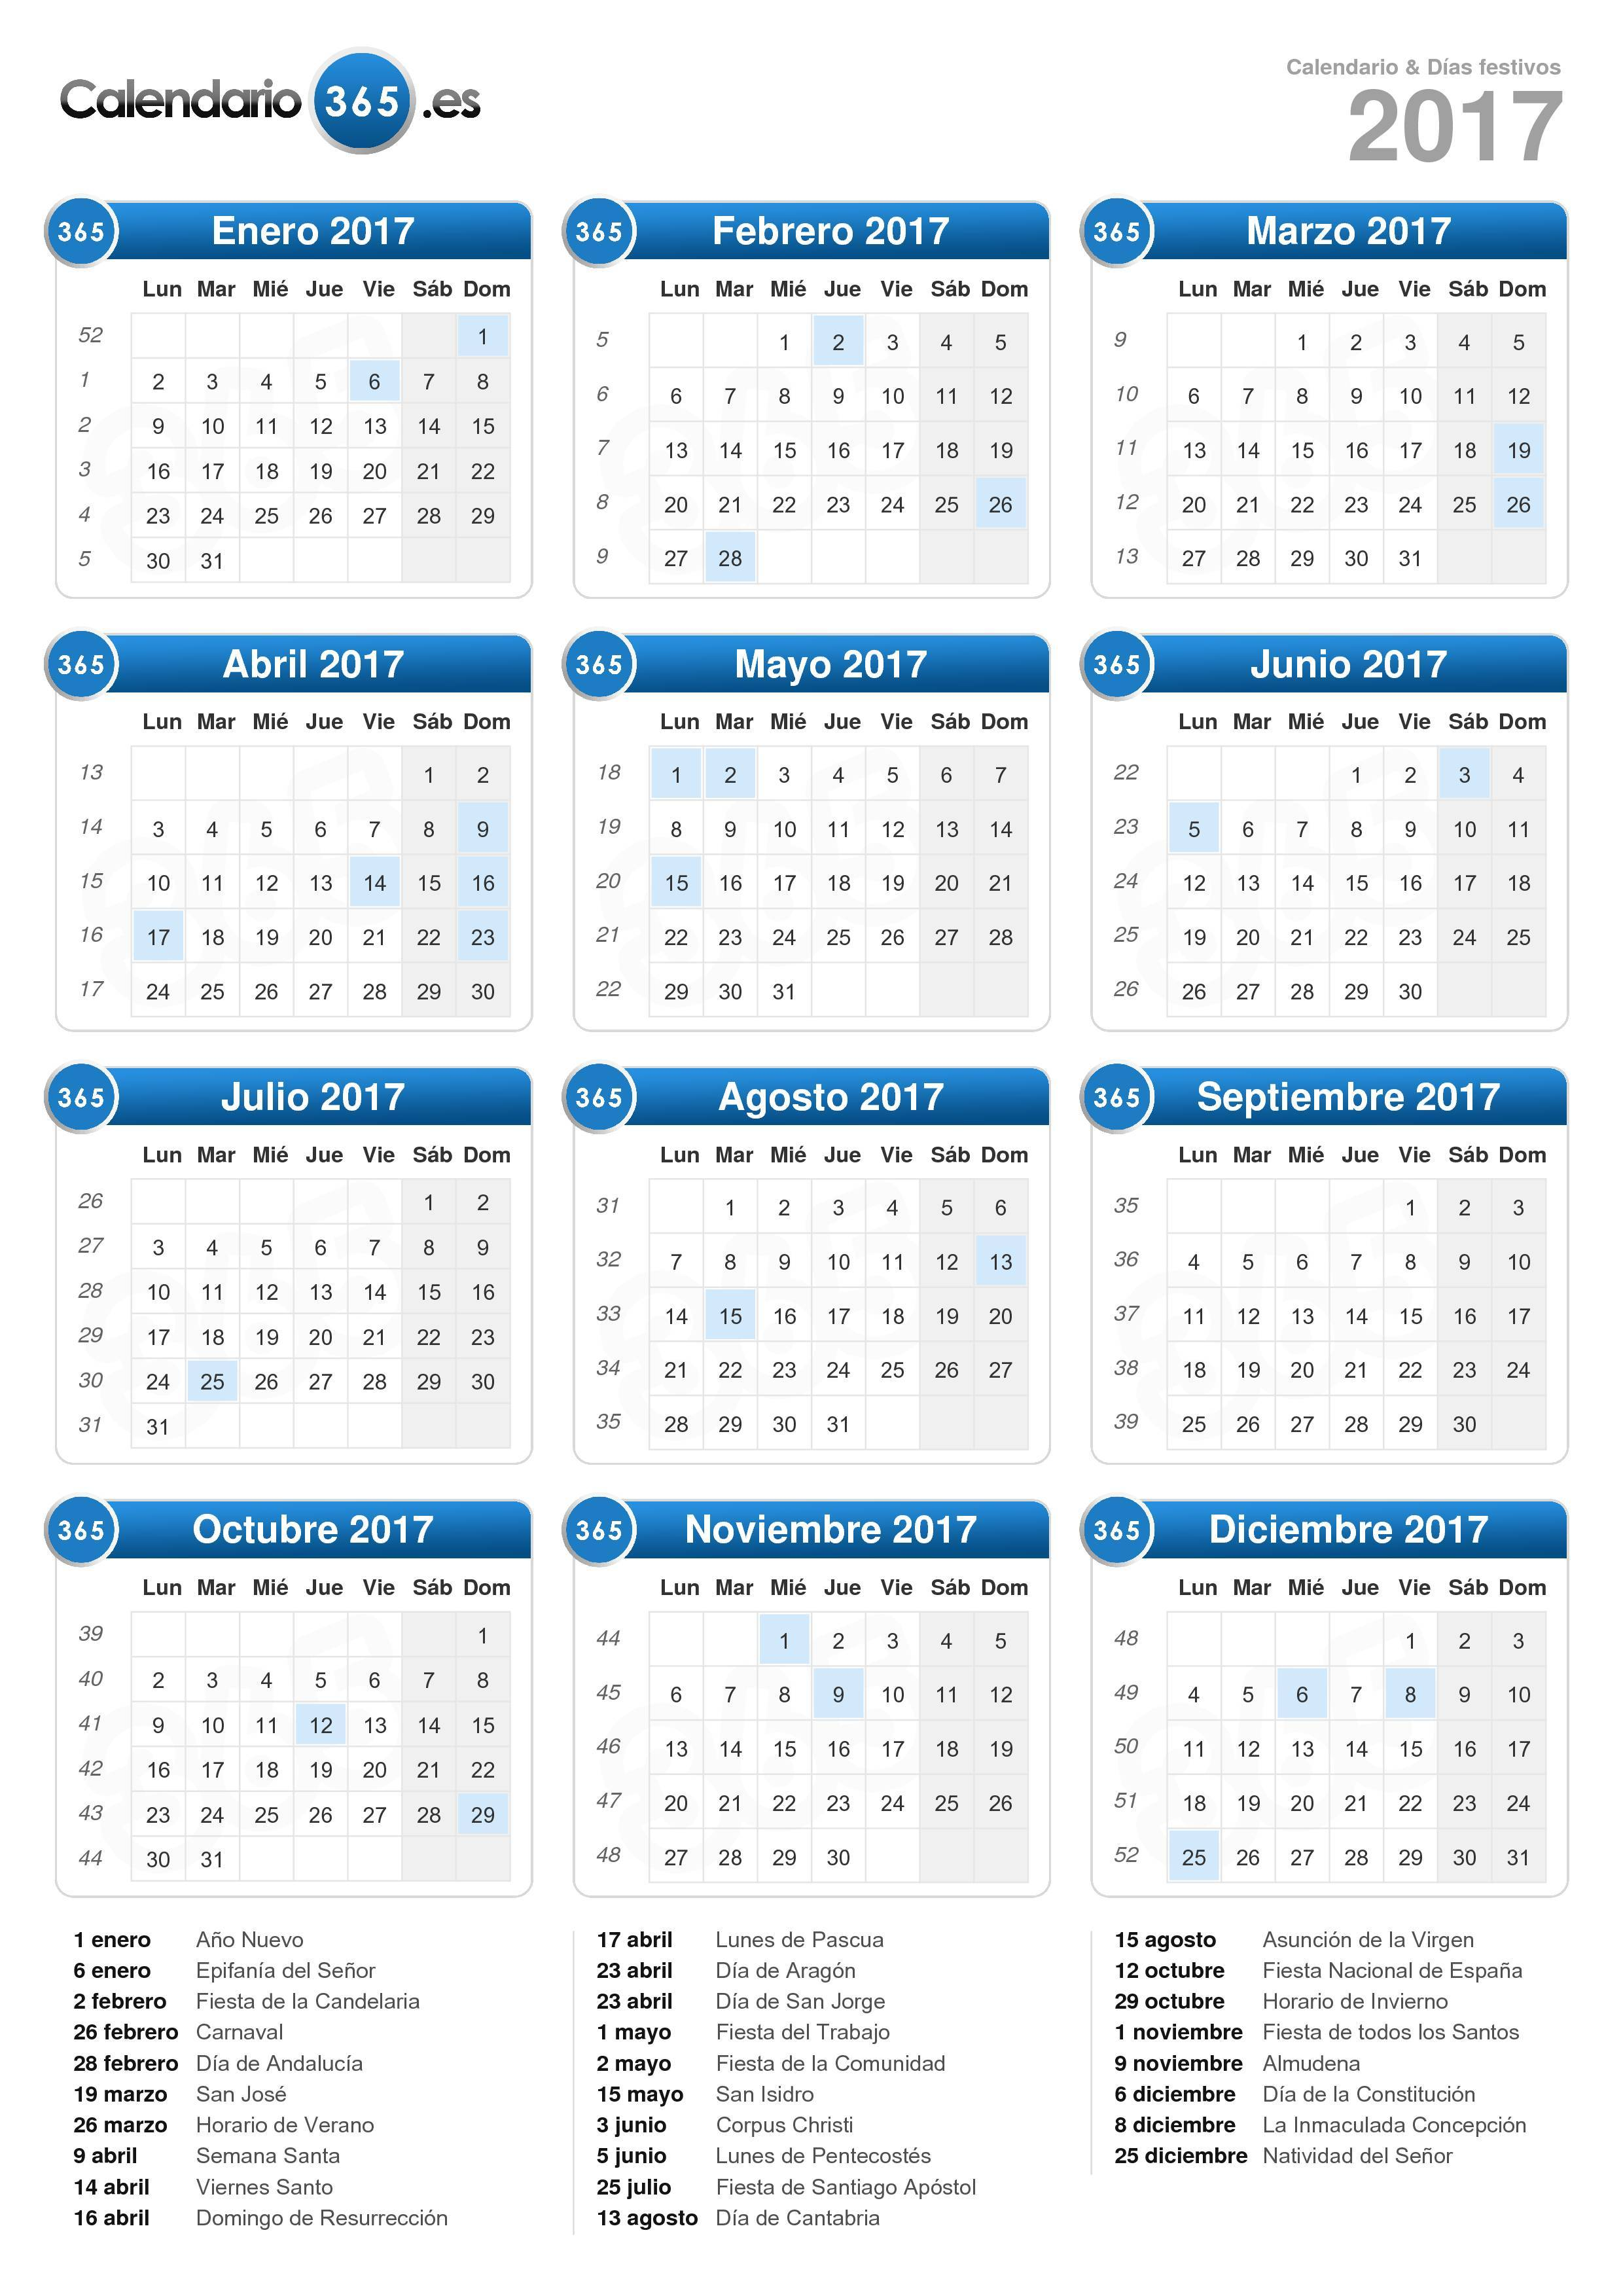 Calendario 2017 Calendario 2017 con lunas